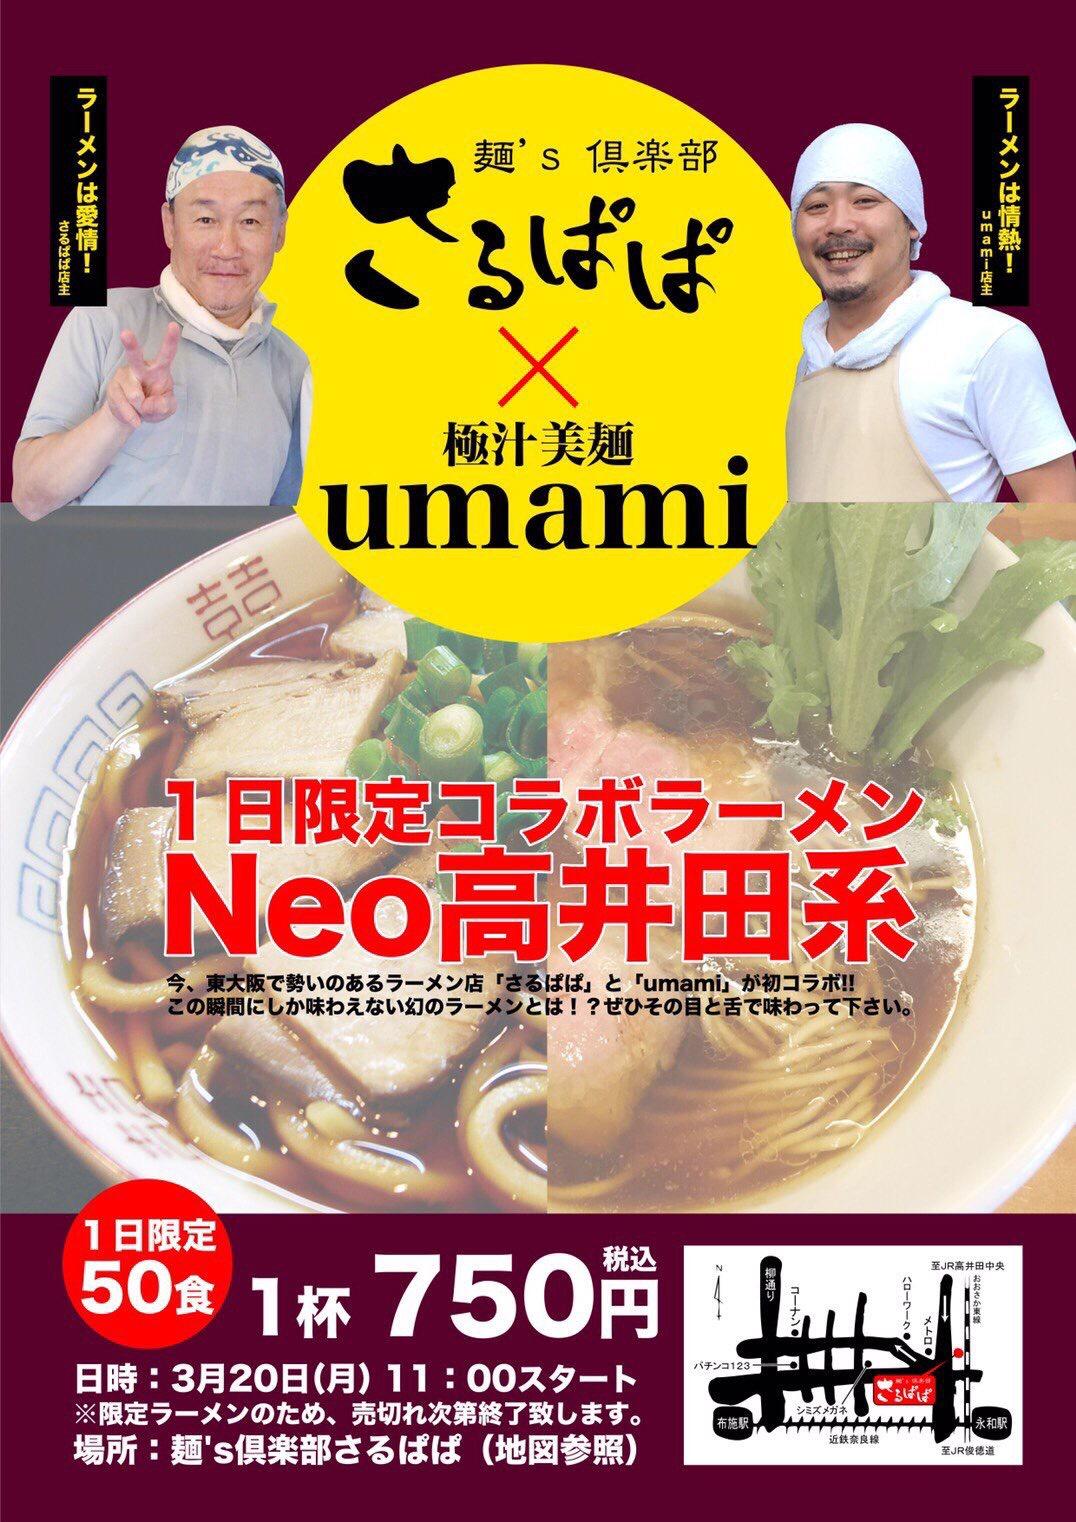 [イベント]3/20 麺's倶楽部さるぱぱ×極汁美麺umami 1日限定コラボラーメンNeo高井田系